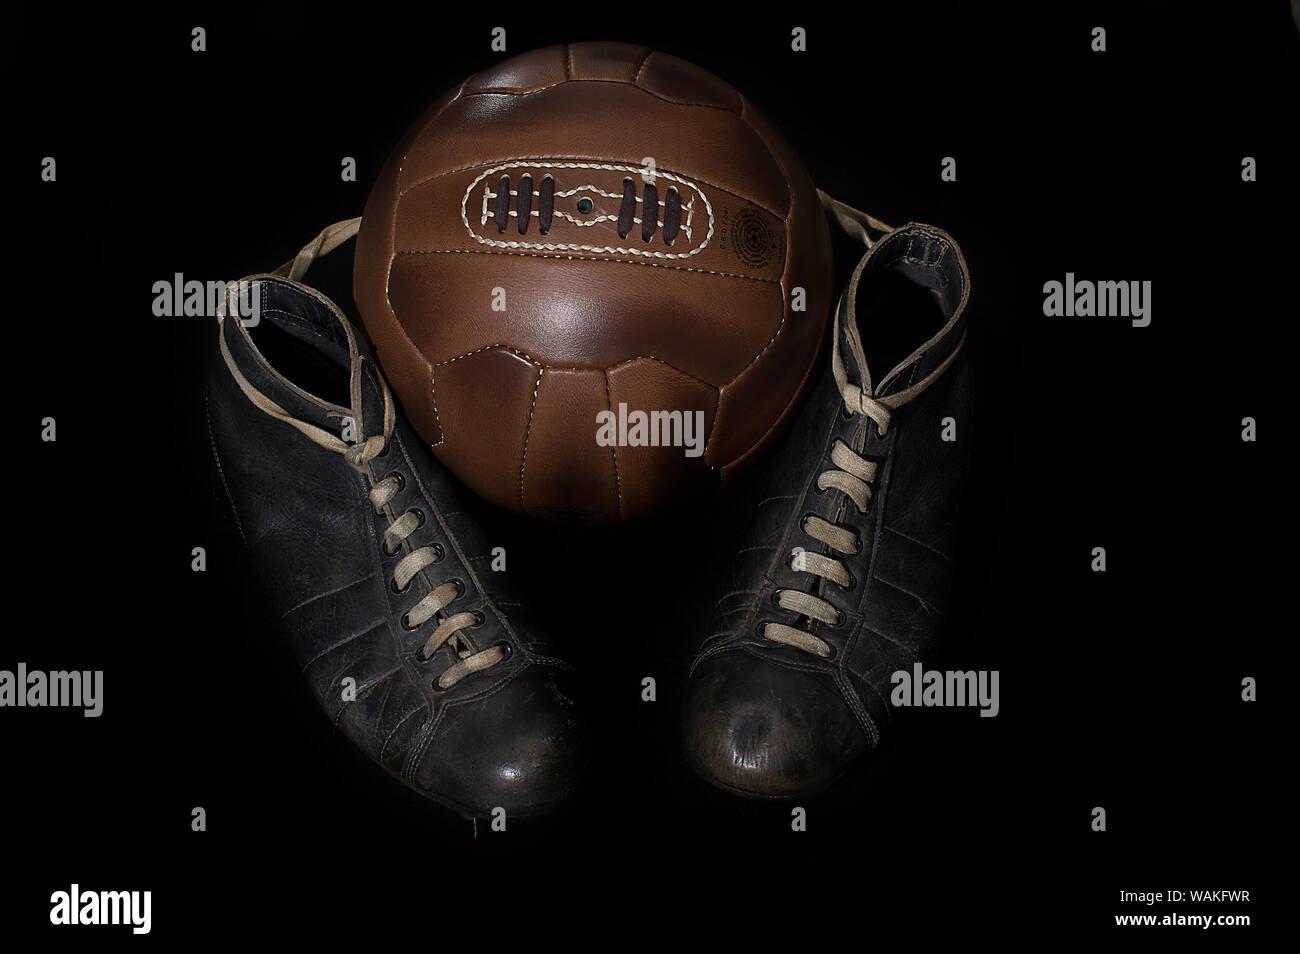 Schuhe aus dem 19. Jahrhundert mit Stollen, die zum